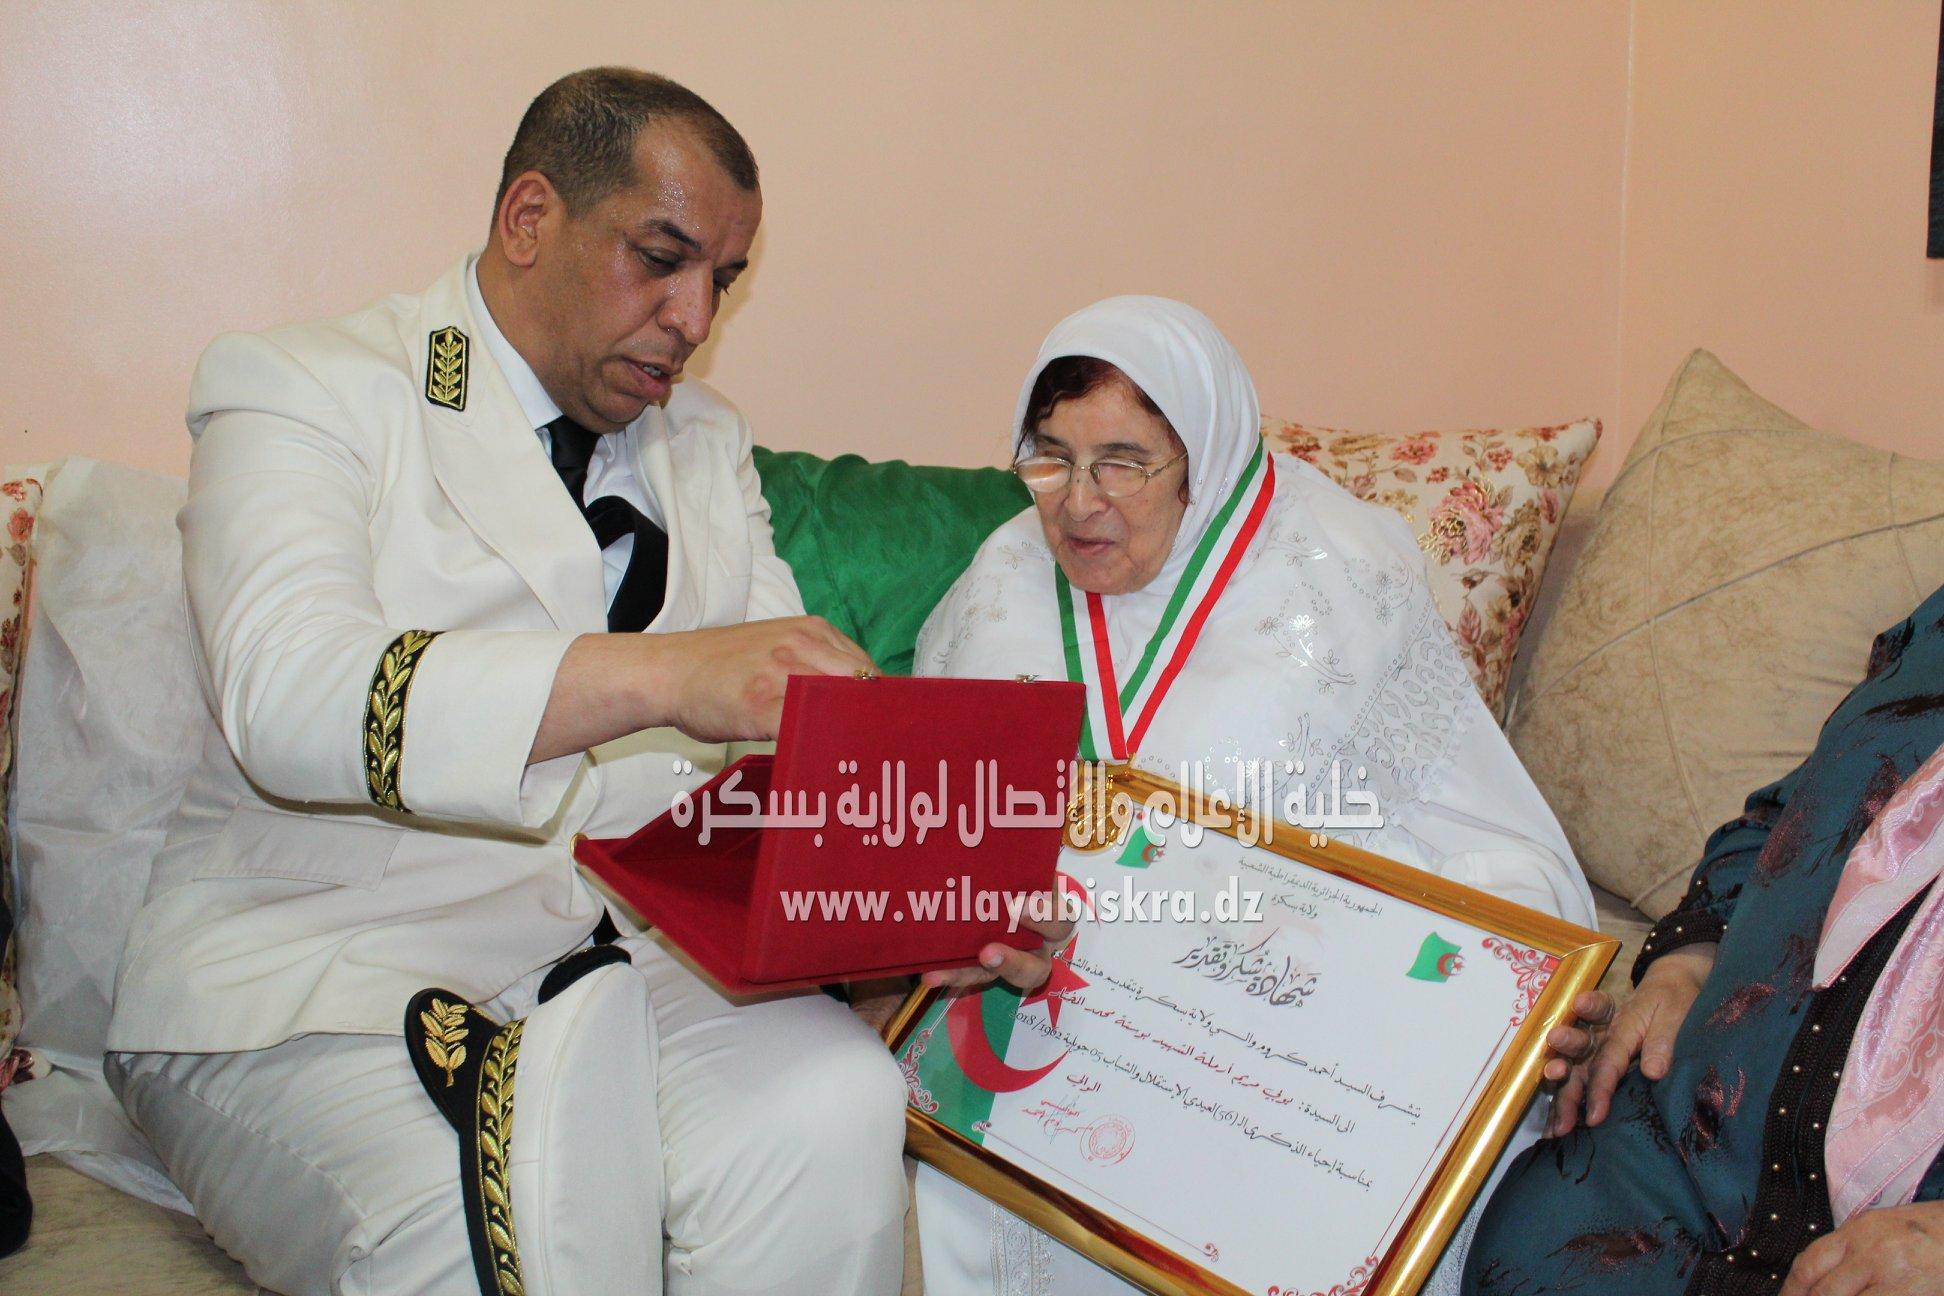 الاحتفالات الممجدة للذكرى 56 لعيدي الاستقلال والشباب 1962-2018